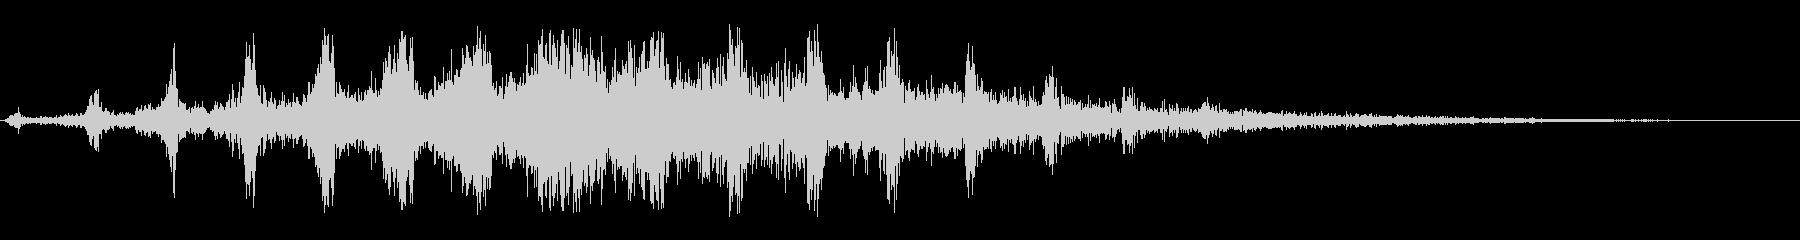 キキキ(鳴き声系の音)の未再生の波形